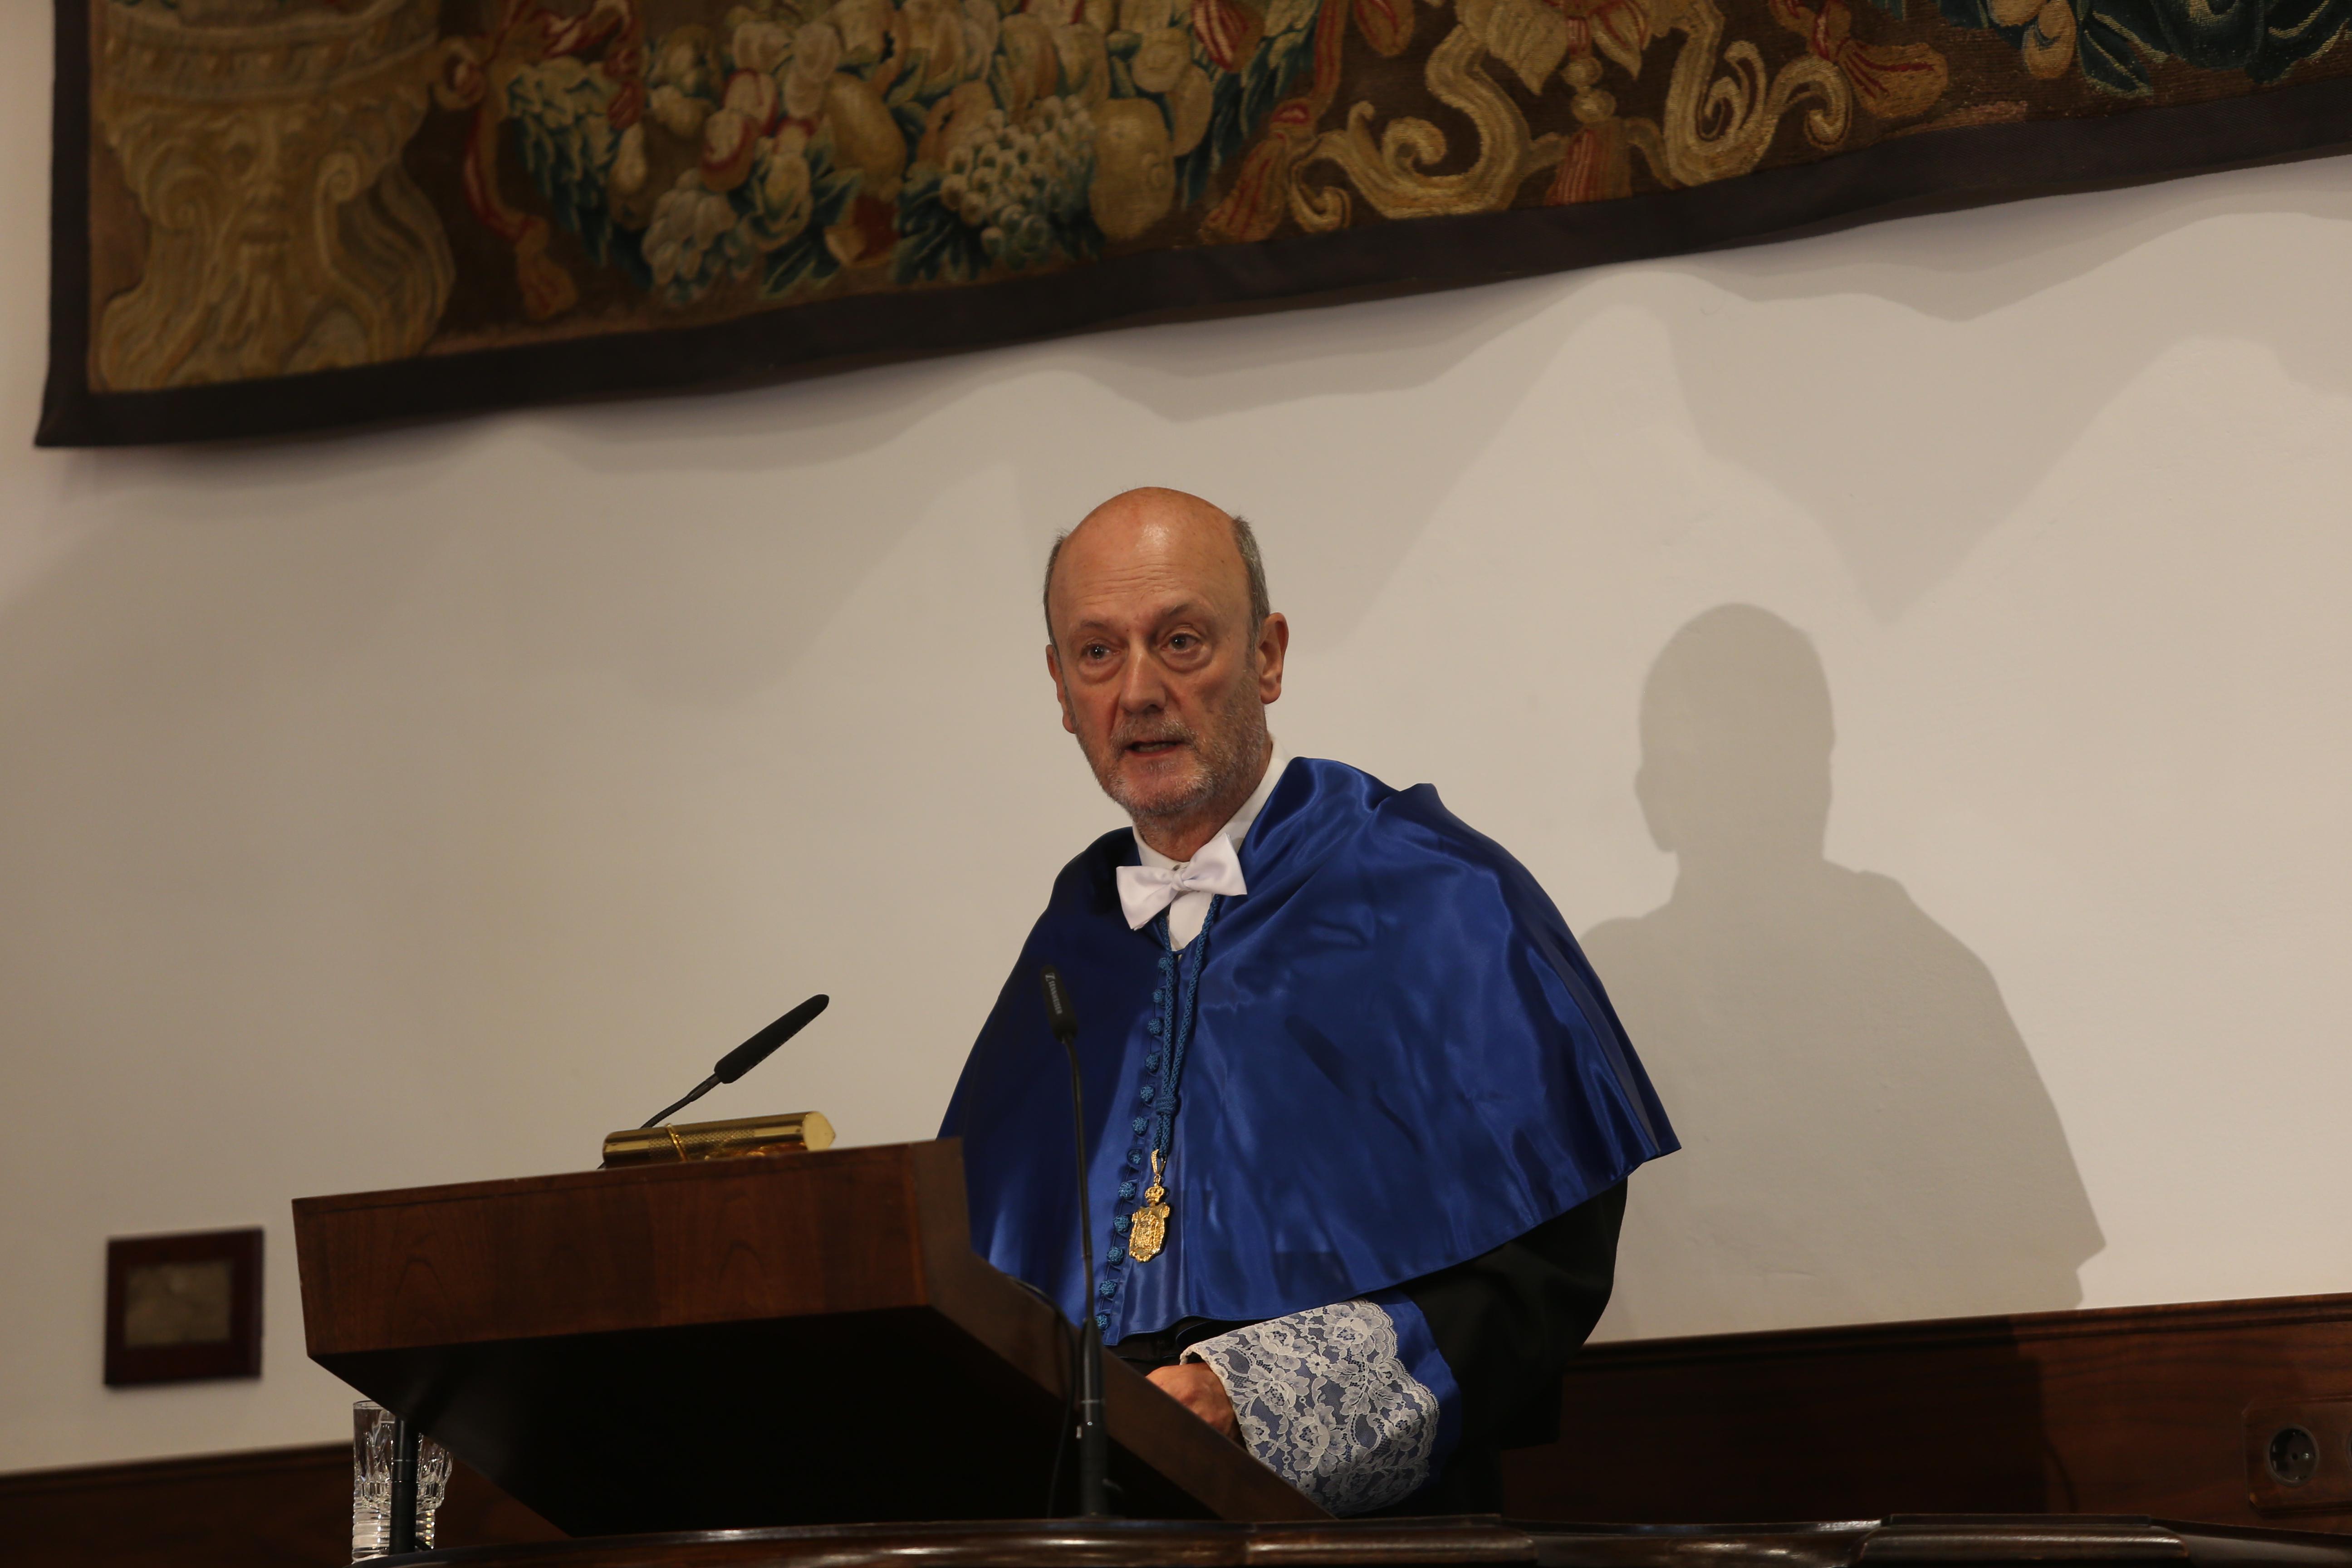 El rector, Daniel Hernández Ruipérez, inaugura el curso académico 2015-2016 en la Universidad de Salamanca